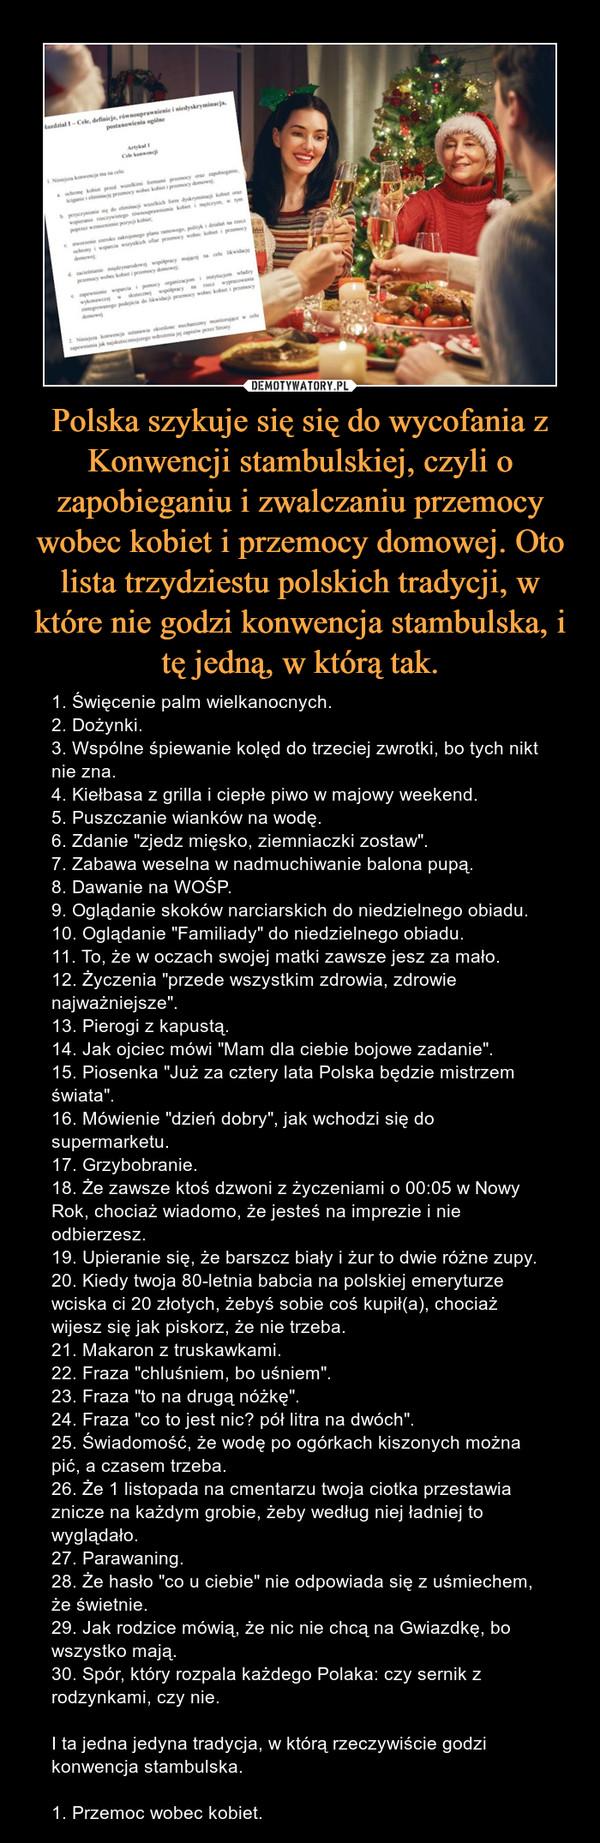 """Polska szykuje się się do wycofania z Konwencji stambulskiej, czyli o zapobieganiu i zwalczaniu przemocy wobec kobiet i przemocy domowej. Oto lista trzydziestu polskich tradycji, w które nie godzi konwencja stambulska, i tę jedną, w którą tak. – 1. Święcenie palm wielkanocnych.2. Dożynki.3. Wspólne śpiewanie kolęd do trzeciej zwrotki, bo tych nikt nie zna.4. Kiełbasa z grilla i ciepłe piwo w majowy weekend.5. Puszczanie wianków na wodę.6. Zdanie """"zjedz mięsko, ziemniaczki zostaw"""".7. Zabawa weselna w nadmuchiwanie balona pupą.8. Dawanie na WOŚP.9. Oglądanie skoków narciarskich do niedzielnego obiadu.10. Oglądanie """"Familiady"""" do niedzielnego obiadu.11. To, że w oczach swojej matki zawsze jesz za mało.12. Życzenia """"przede wszystkim zdrowia, zdrowie najważniejsze"""".13. Pierogi z kapustą.14. Jak ojciec mówi """"Mam dla ciebie bojowe zadanie"""".15. Piosenka """"Już za cztery lata Polska będzie mistrzem świata"""".16. Mówienie """"dzień dobry"""", jak wchodzi się do supermarketu.17. Grzybobranie.18. Że zawsze ktoś dzwoni z życzeniami o 00:05 w Nowy Rok, chociaż wiadomo, że jesteś na imprezie i nie odbierzesz.19. Upieranie się, że barszcz biały i żur to dwie różne zupy.20. Kiedy twoja 80-letnia babcia na polskiej emeryturze wciska ci 20 złotych, żebyś sobie coś kupił(a), chociaż wijesz się jak piskorz, że nie trzeba.21. Makaron z truskawkami.22. Fraza """"chluśniem, bo uśniem"""".23. Fraza """"to na drugą nóżkę"""".24. Fraza """"co to jest nic? pół litra na dwóch"""".25. Świadomość, że wodę po ogórkach kiszonych można pić, a czasem trzeba.26. Że 1 listopada na cmentarzu twoja ciotka przestawia znicze na każdym grobie, żeby według niej ładniej to wyglądało.27. Parawaning.28. Że hasło """"co u ciebie"""" nie odpowiada się z uśmiechem, że świetnie.29. Jak rodzice mówią, że nic nie chcą na Gwiazdkę, bo wszystko mają.30. Spór, który rozpala każdego Polaka: czy sernik z rodzynkami, czy nie.I ta jedna jedyna tradycja, w którą rzeczywiście godzi konwencja stambulska.1. Przemoc wobec kobiet."""